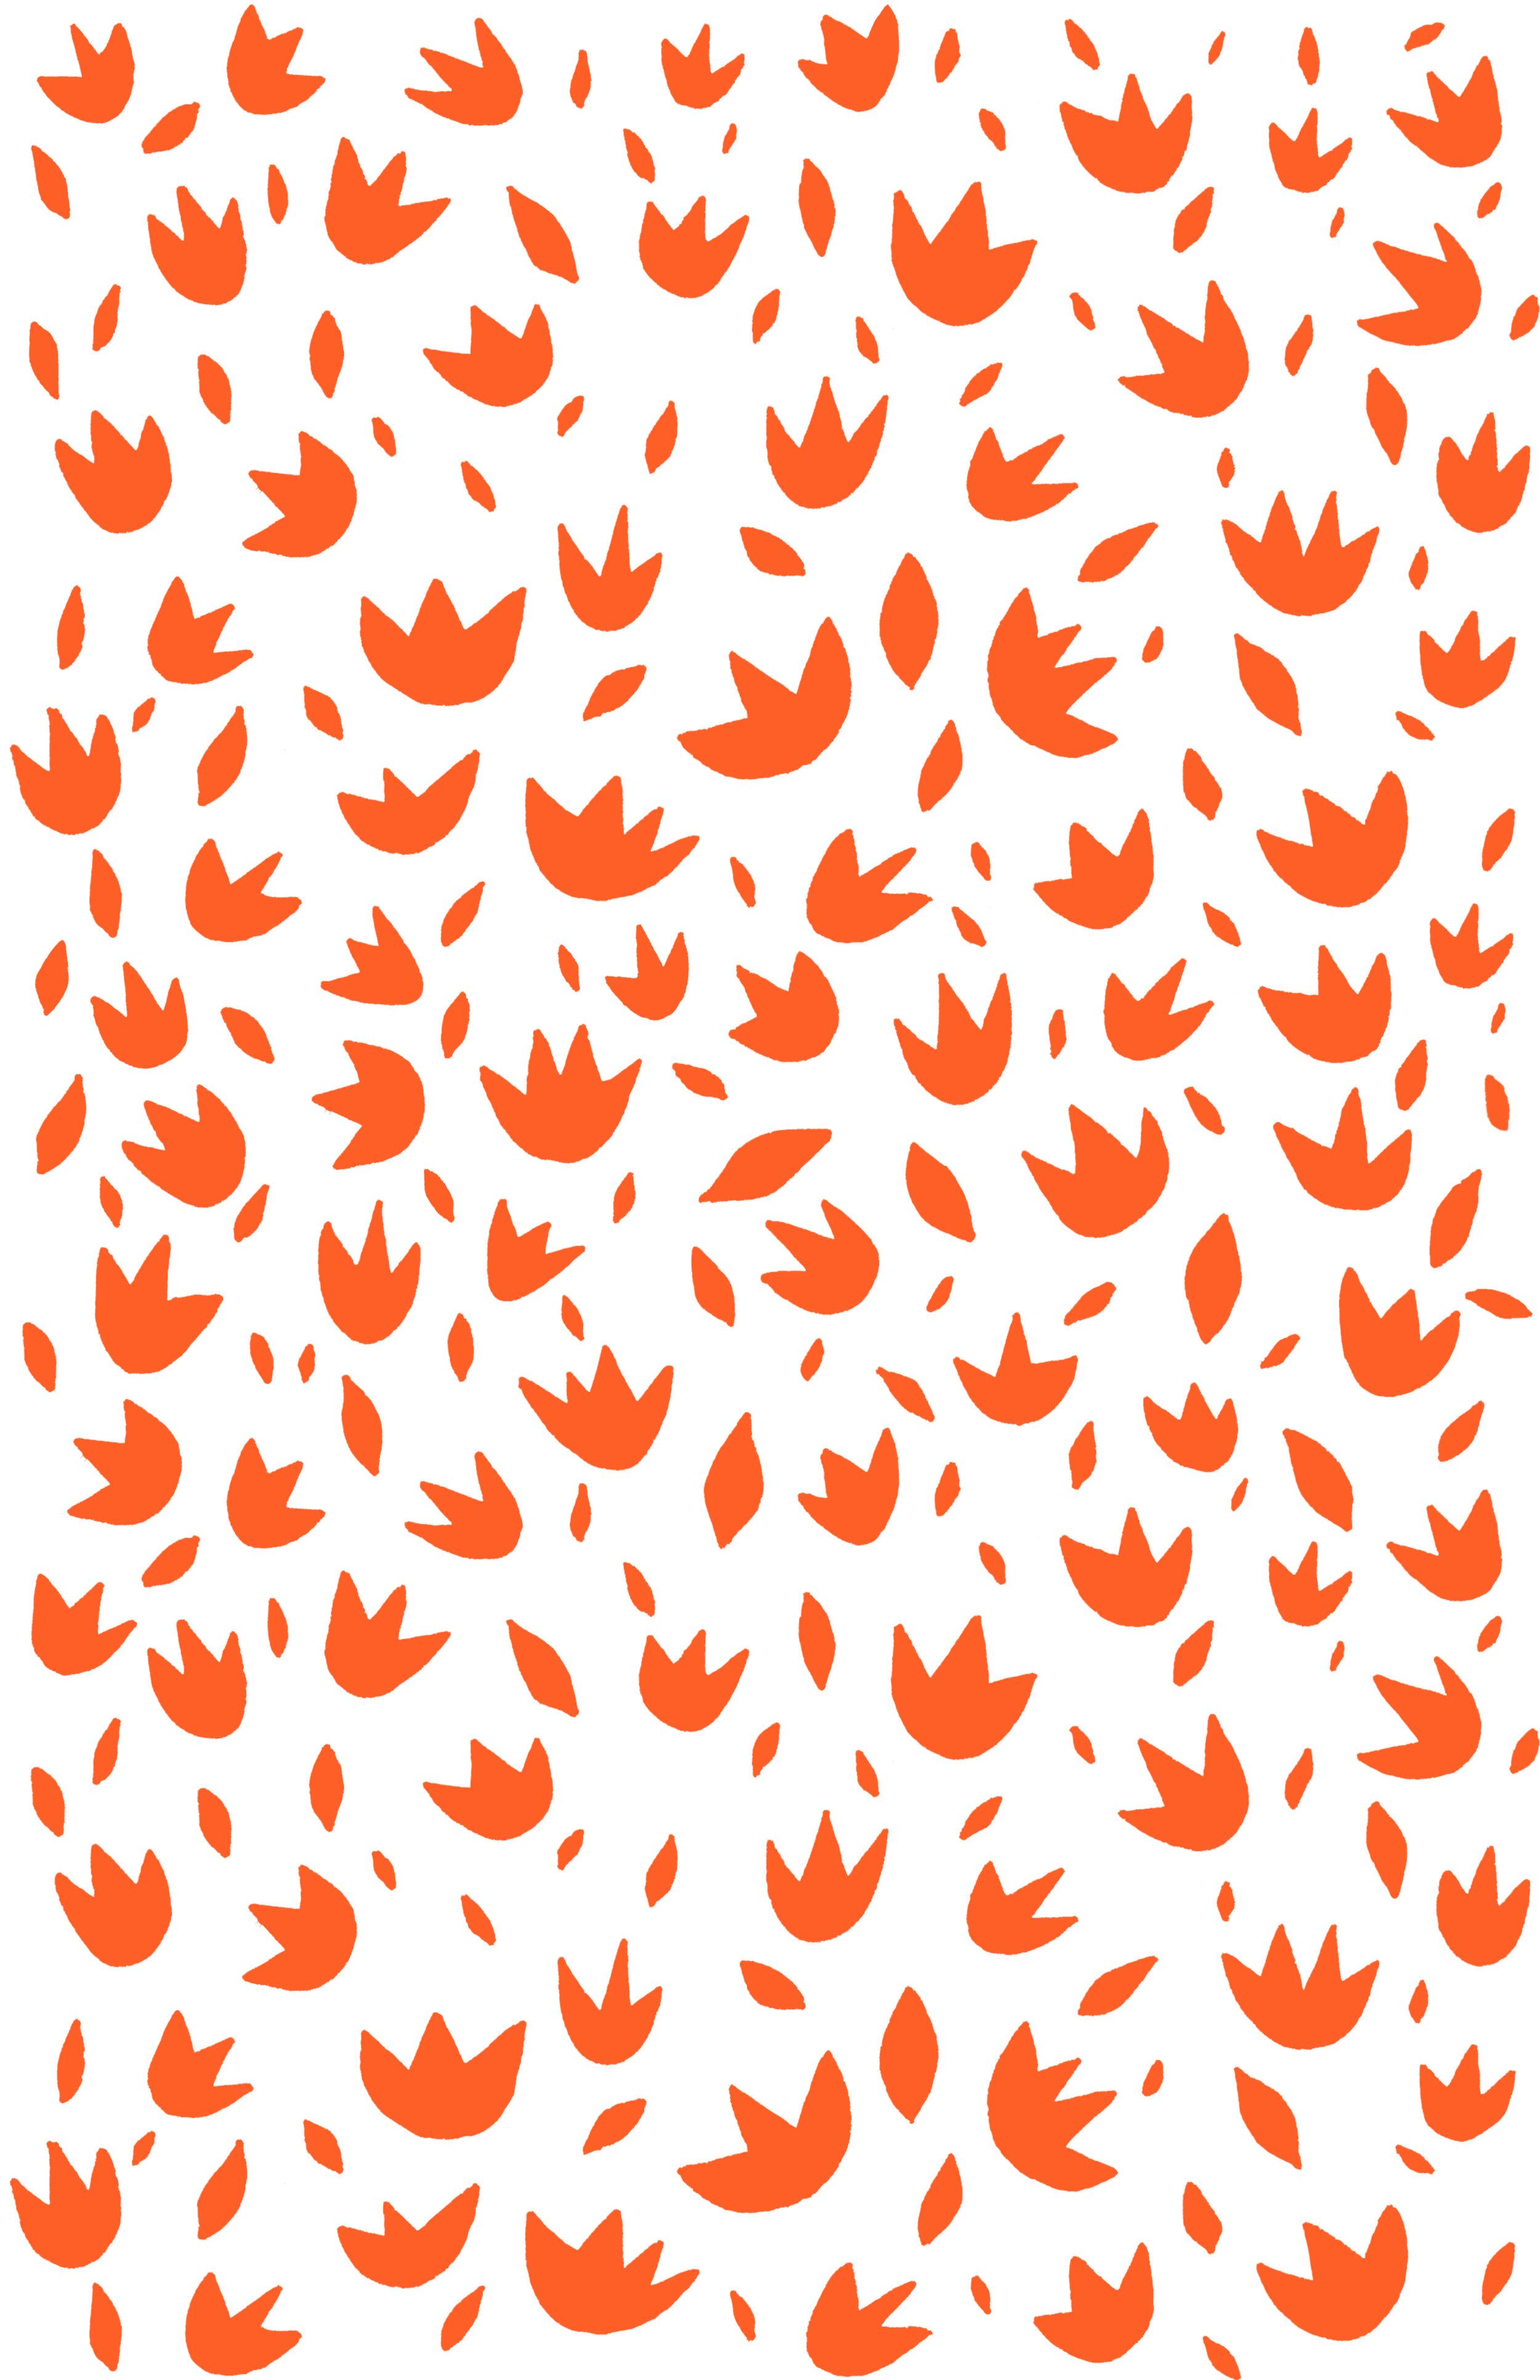 Flowers & Leaves orangey red.jpg